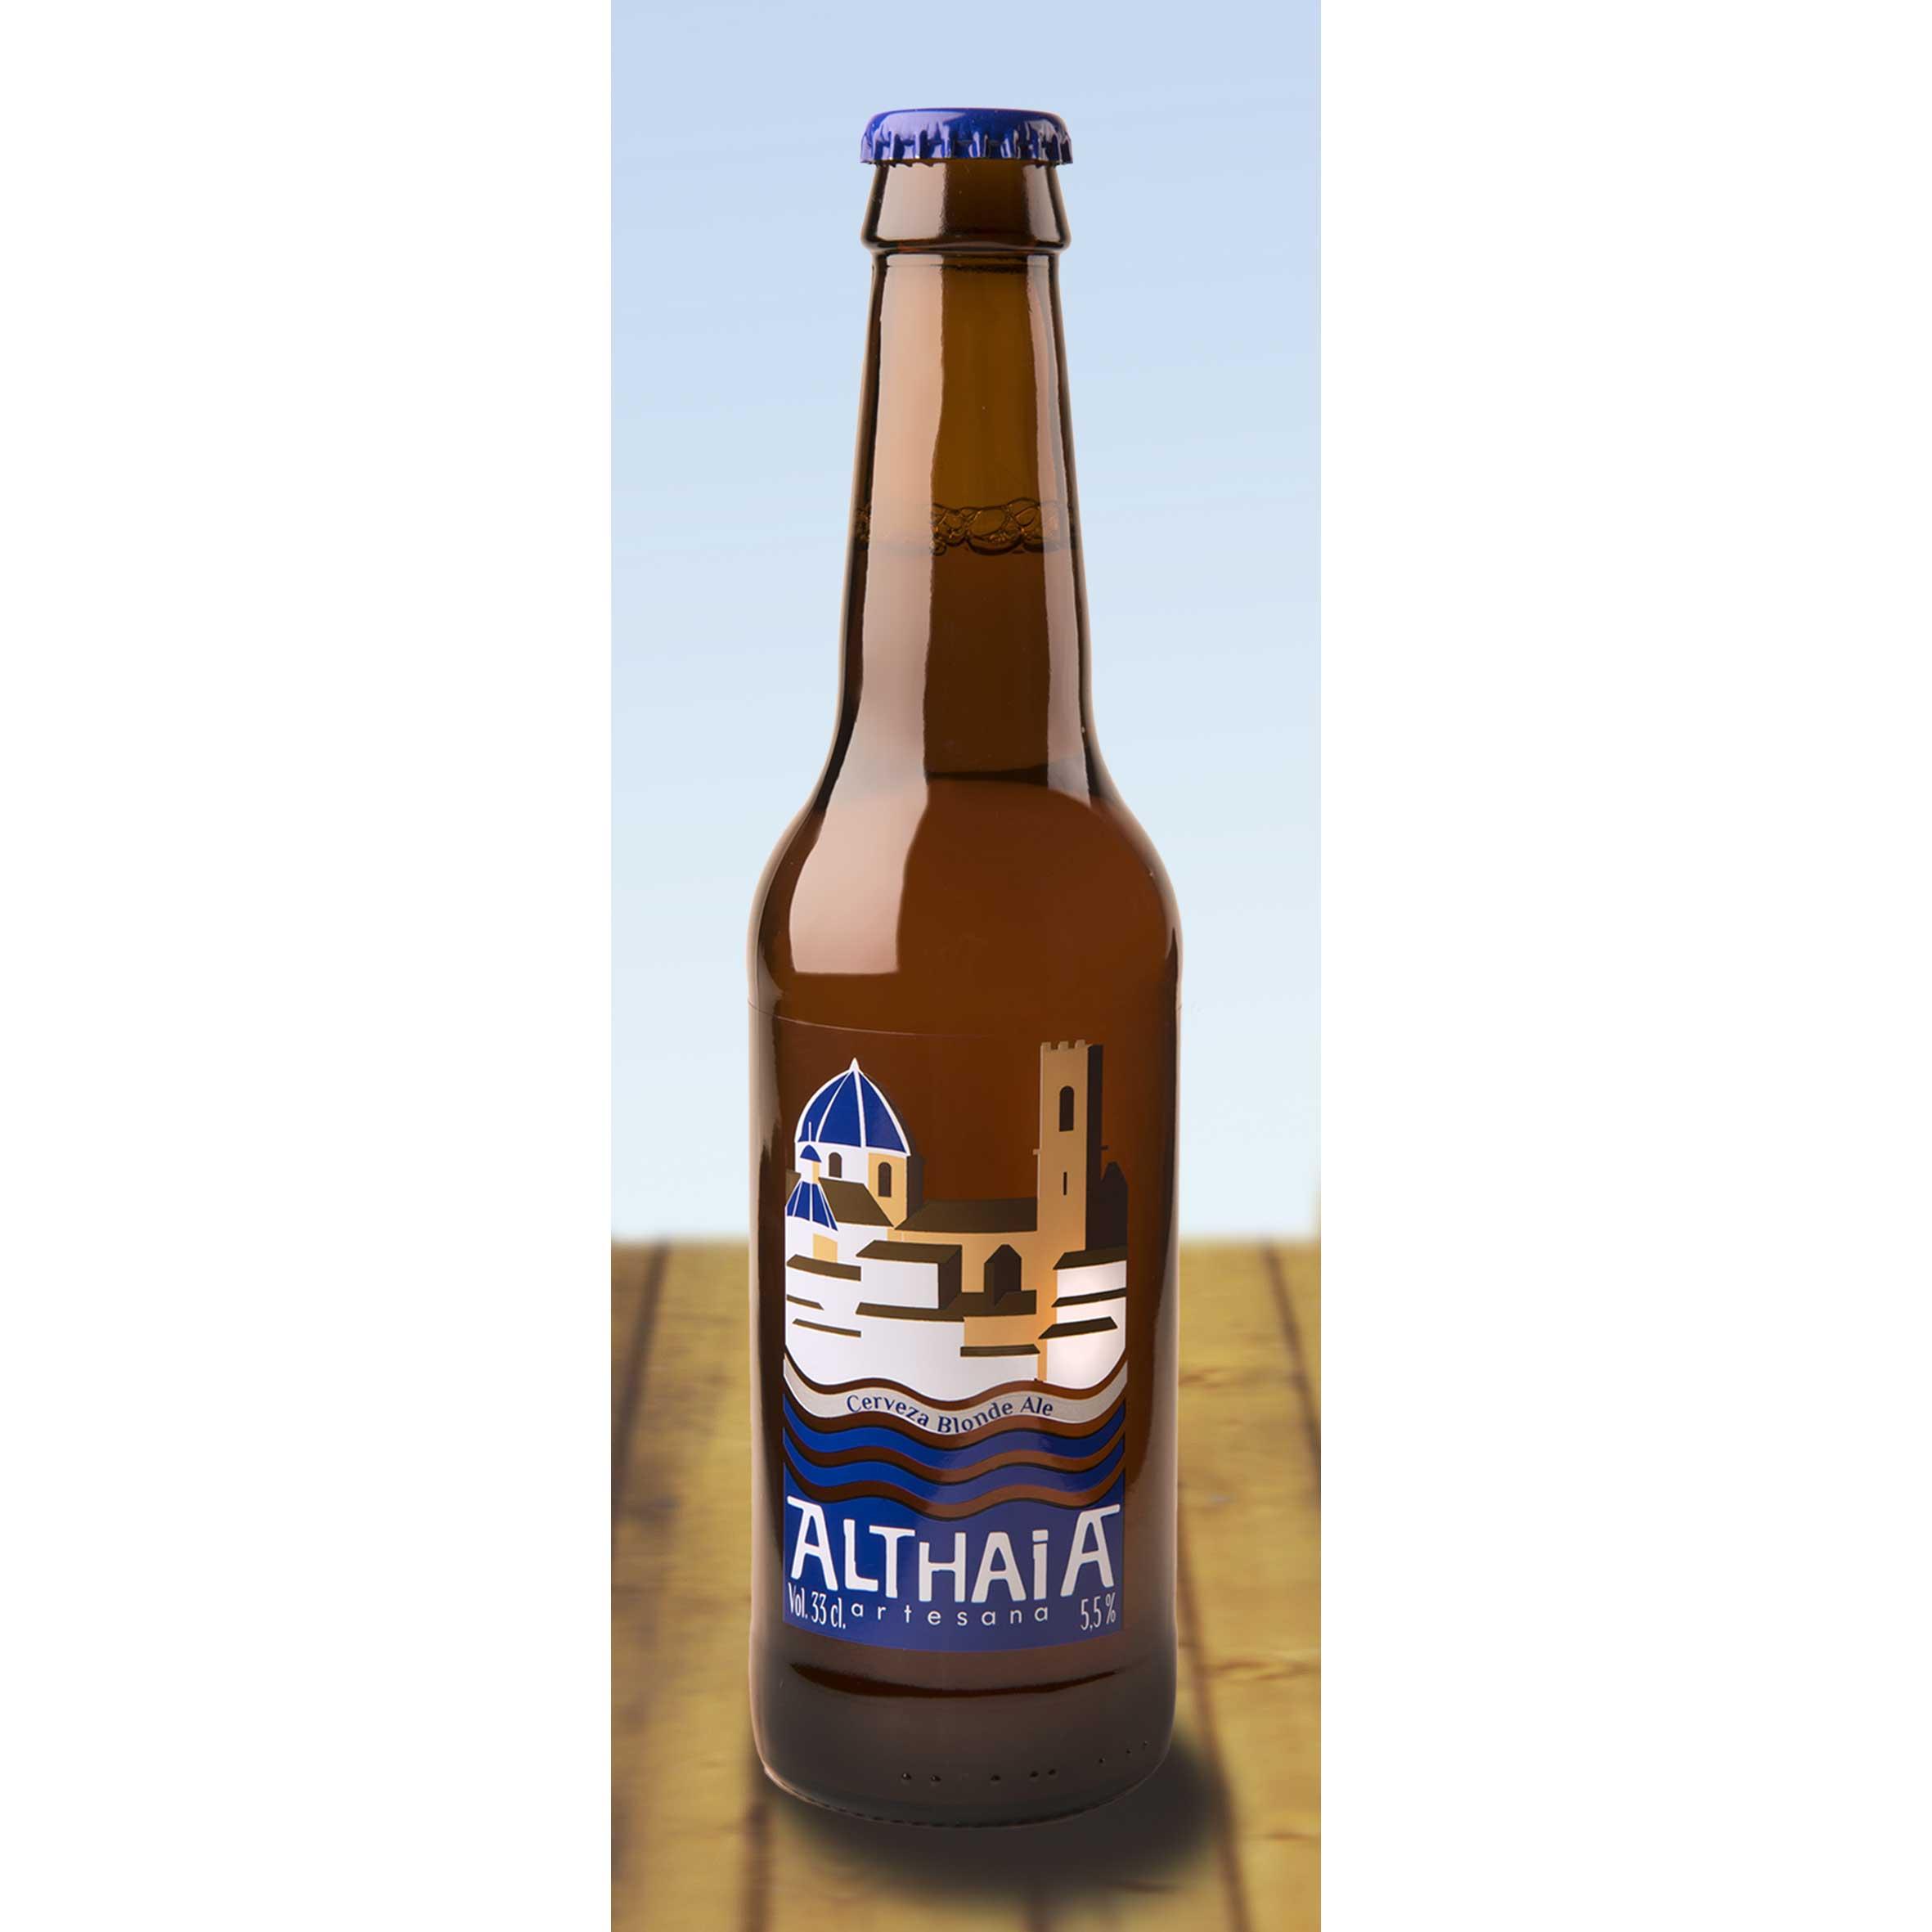 Comprar Cerveza Artesanal Althaia Blonde Ale. Cerveza rubia, con cuerpo y muy refrescante. Producto Gourmet y delicatessen de Altea, Alicante.